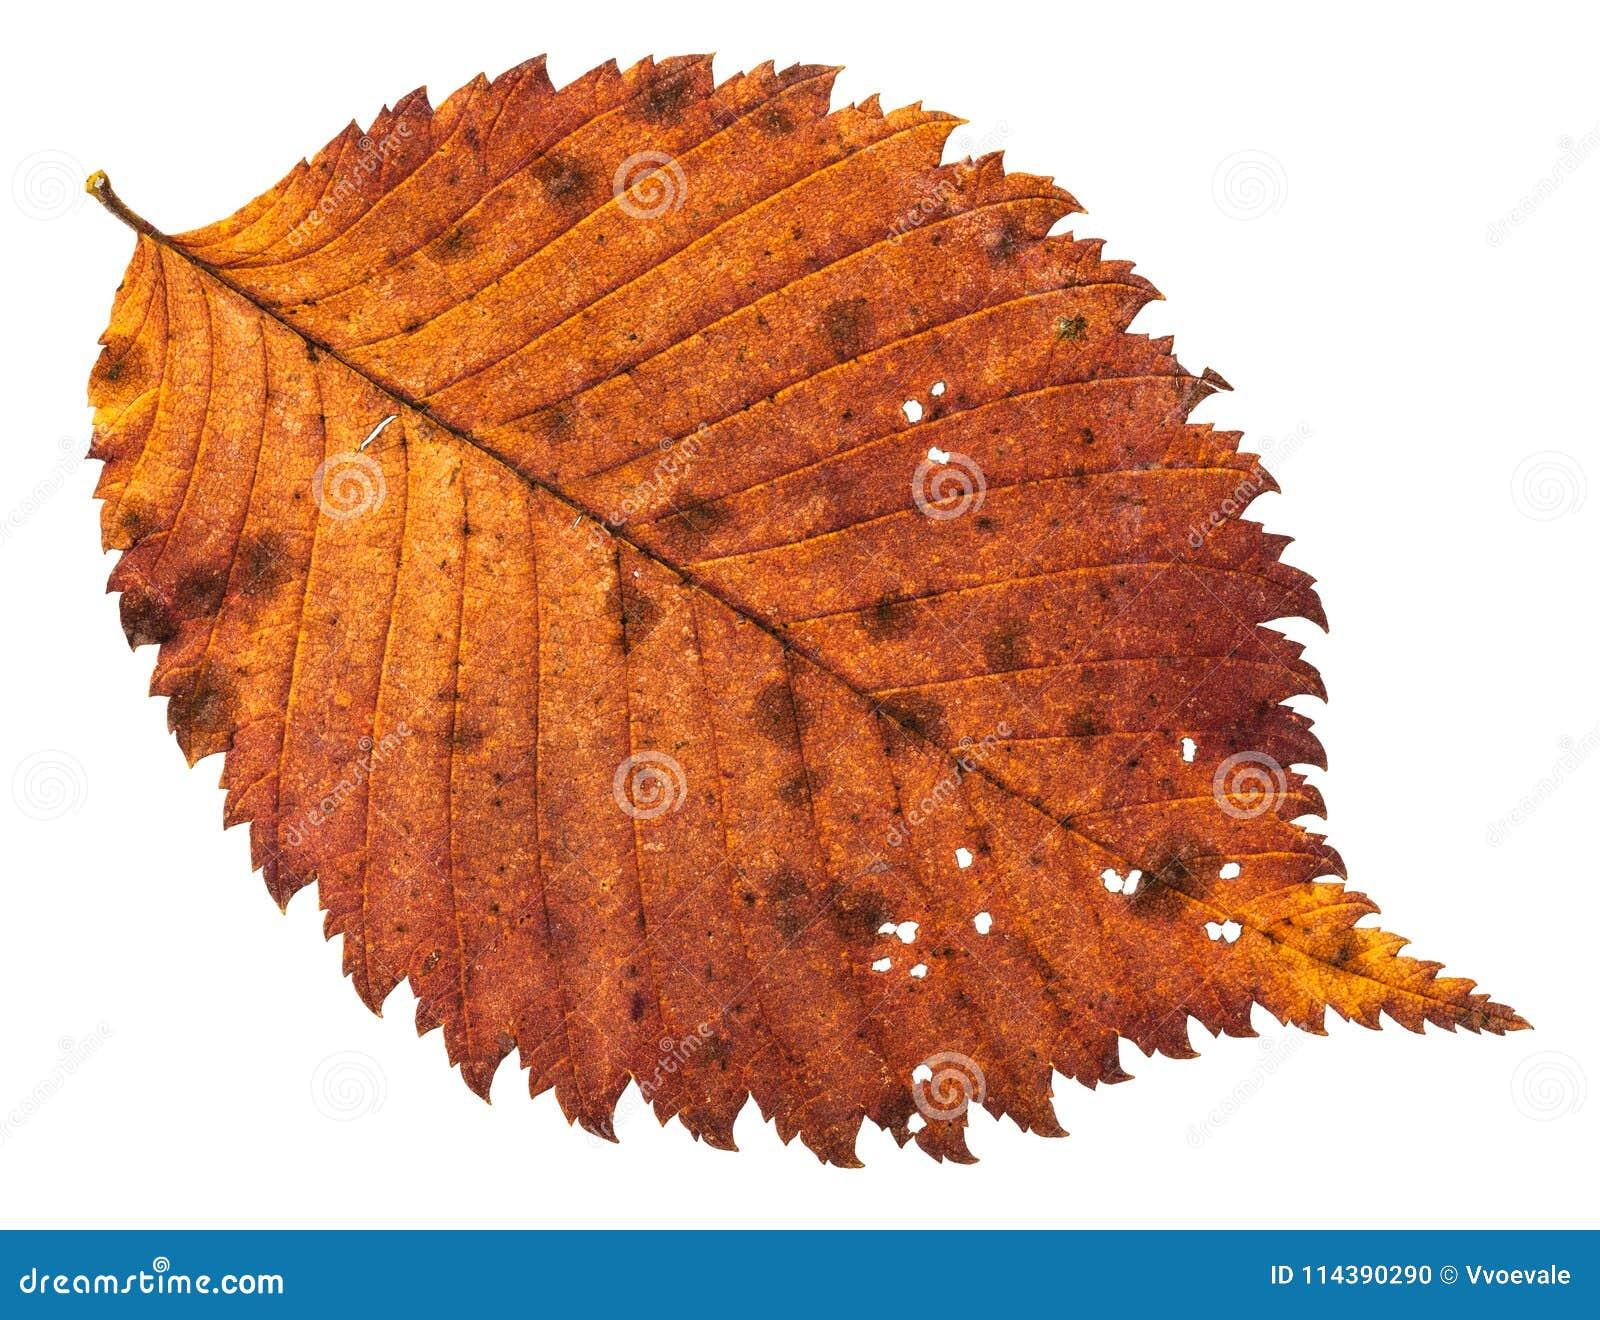 Compost De Feuilles D Érable l'automne a délabré la feuille trouée de l'arbre d'orme d